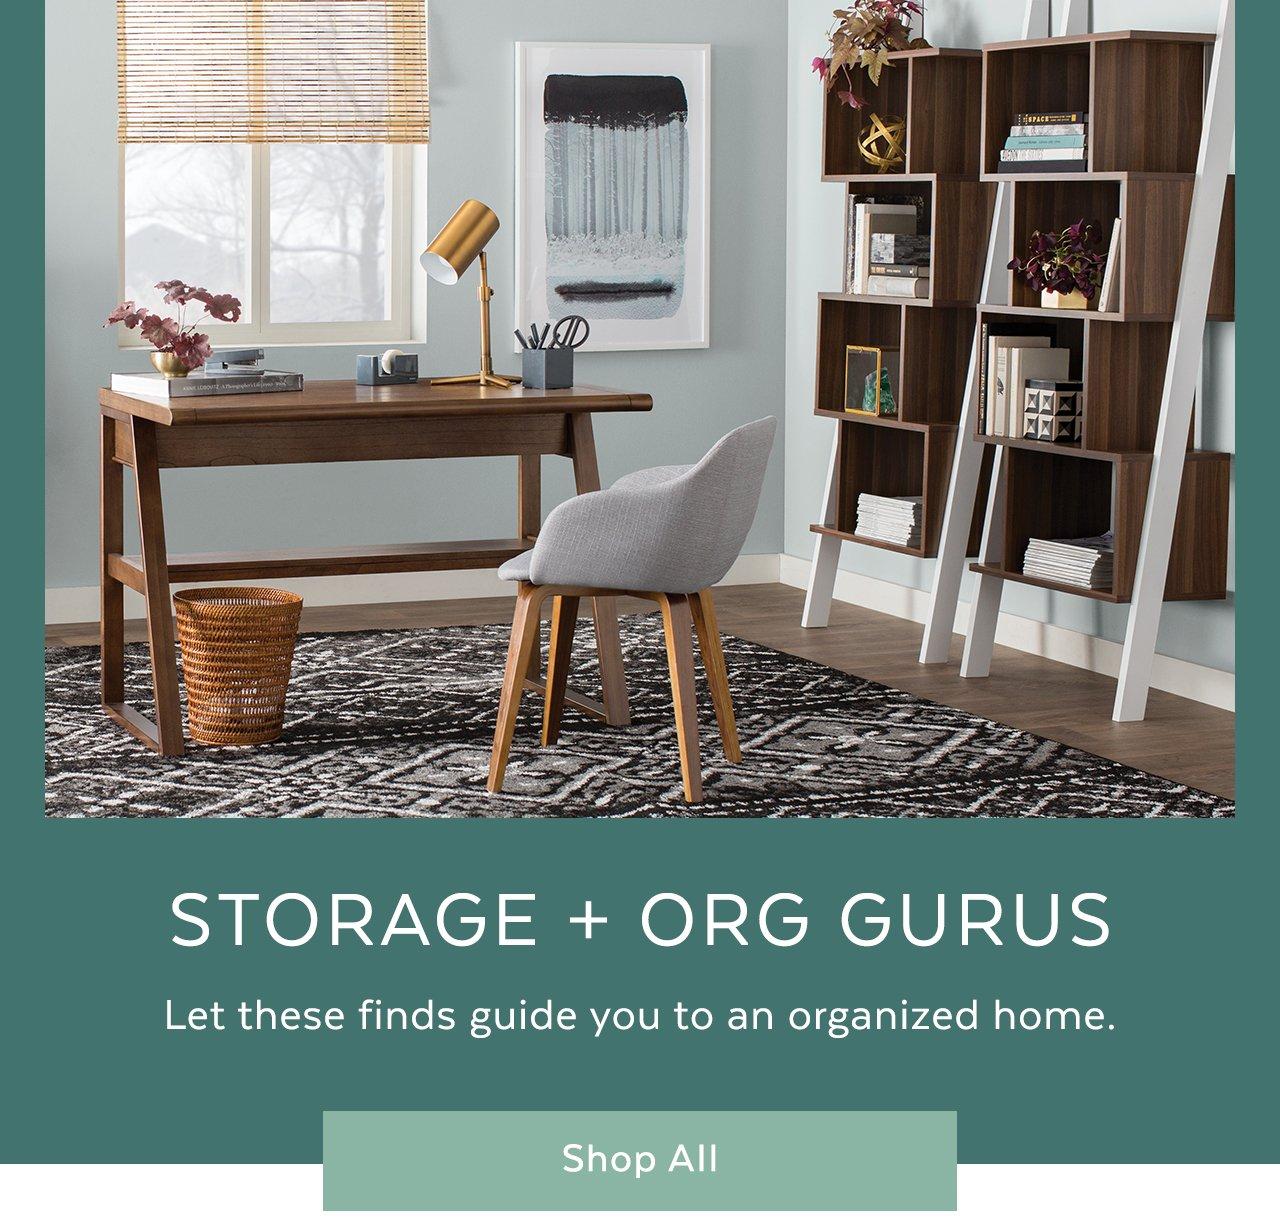 Storage + Org